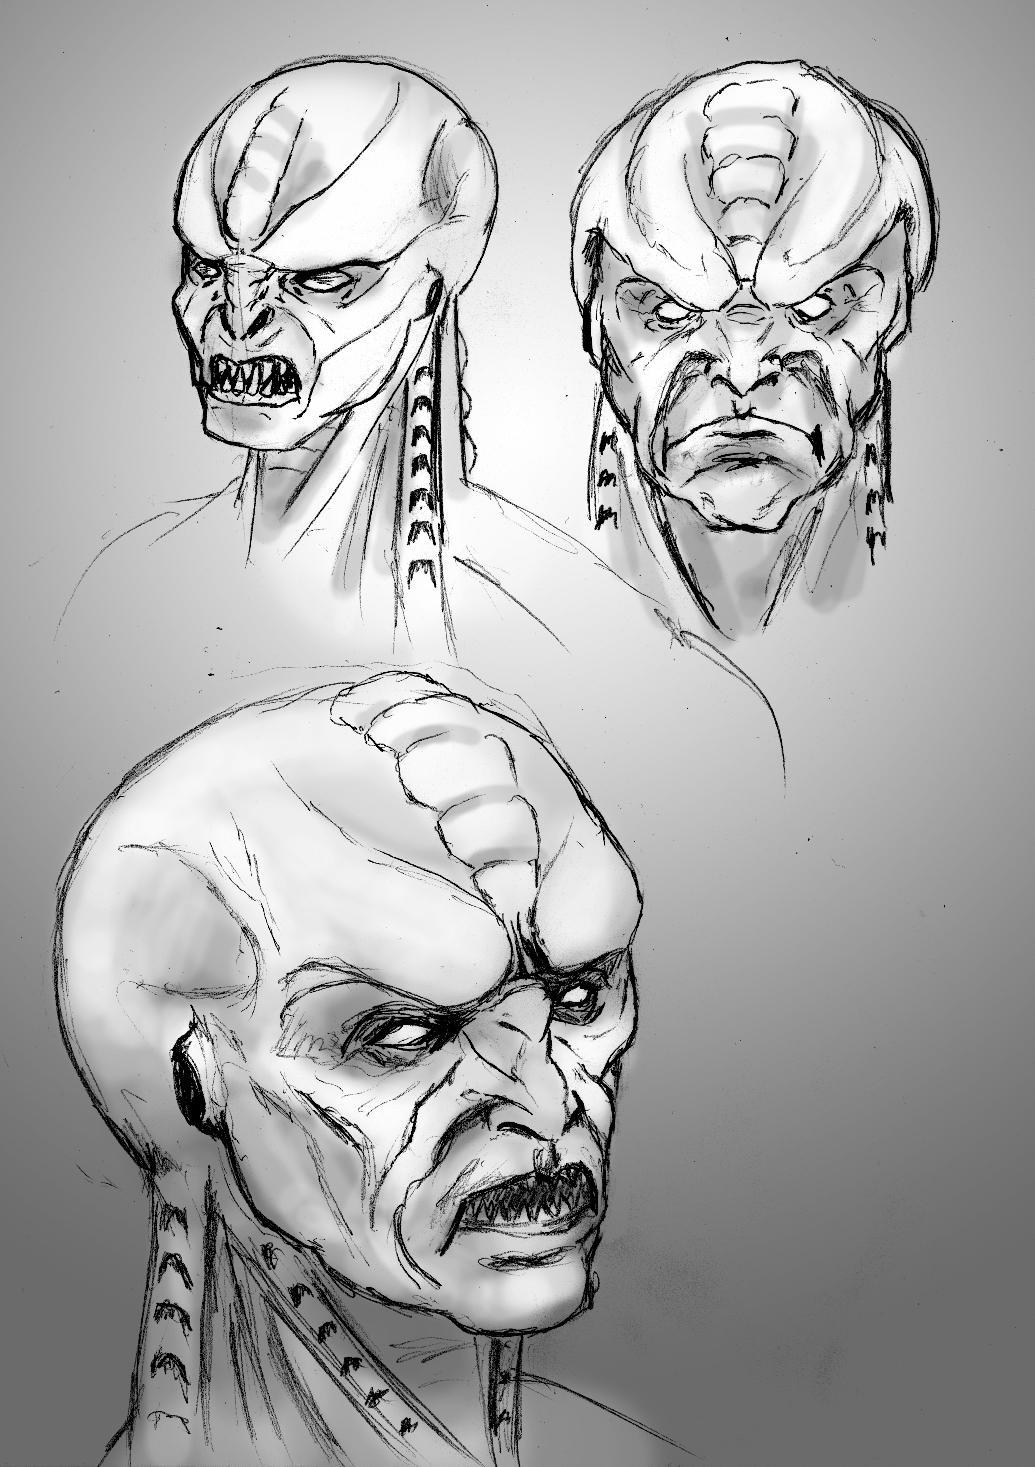 Concept, Cult, Genestealer, Hybrids